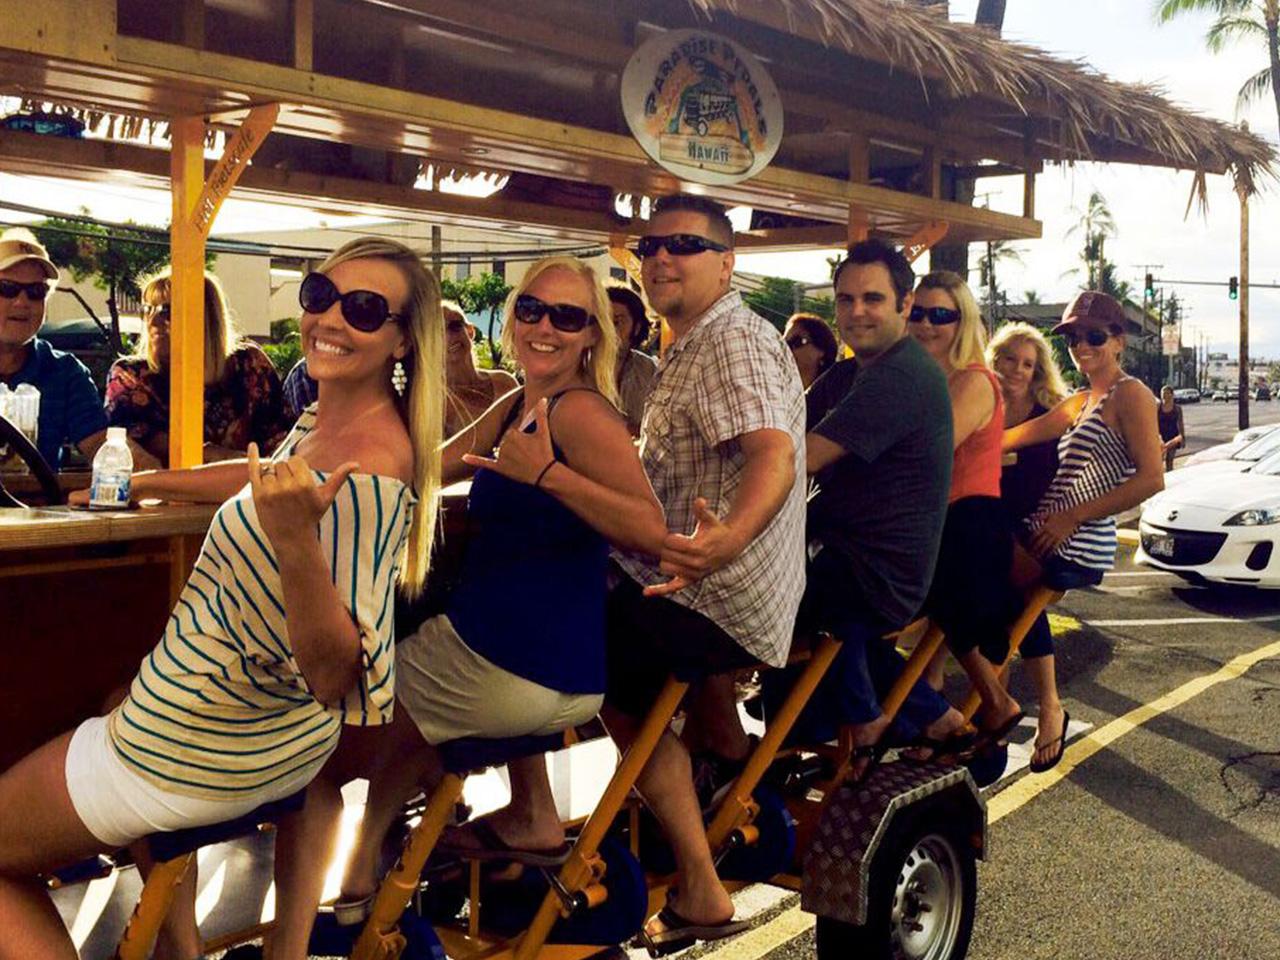 Party Bike in Waikiki